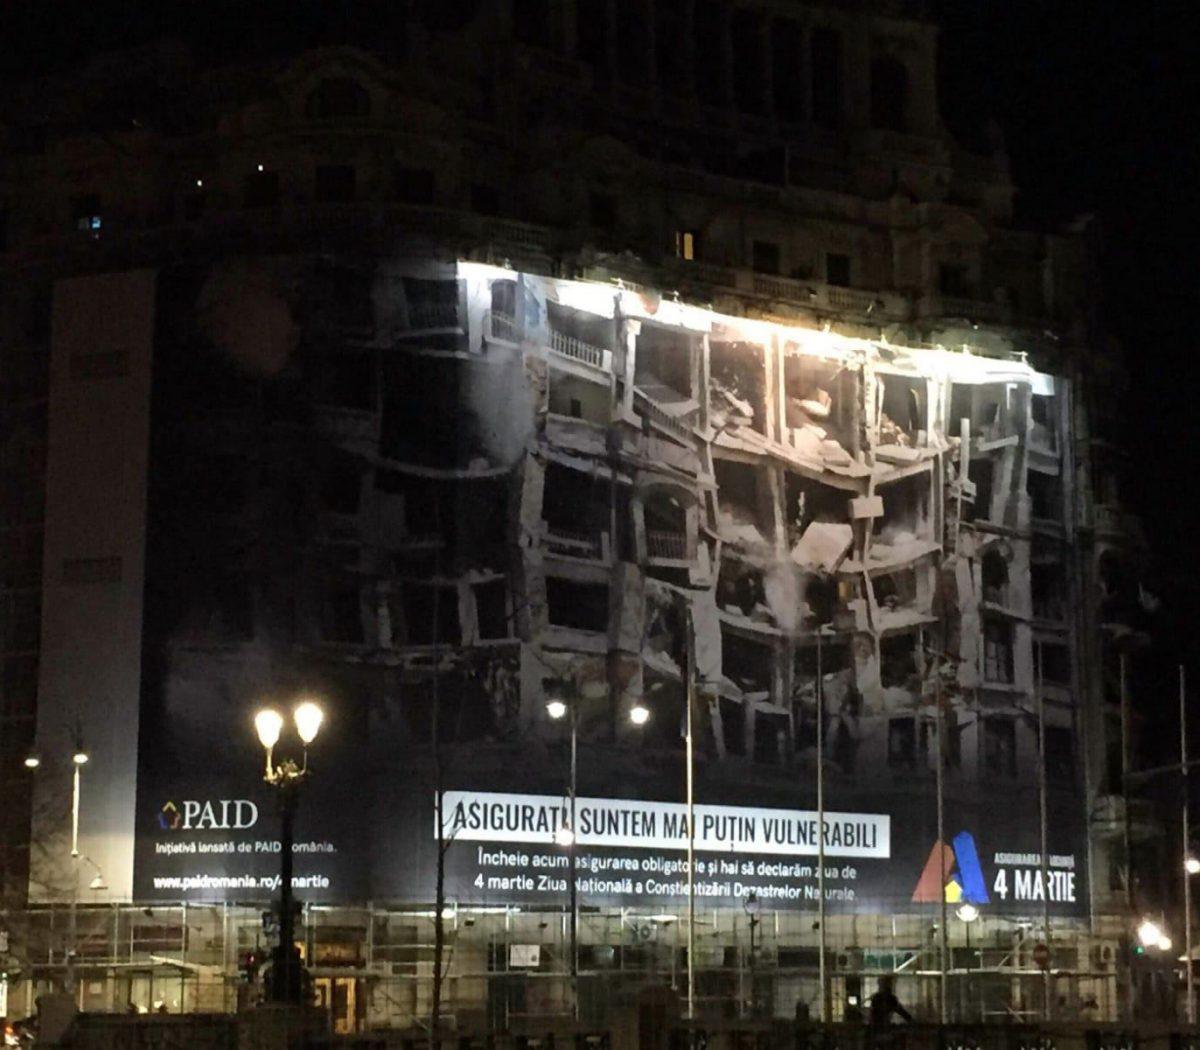 Tolo: Cum tremură firmele de asigurări, de panotaj și de publicitate în fața lui Gabi Firea! Și cum a oprit Primăria cutremurul să intre în București